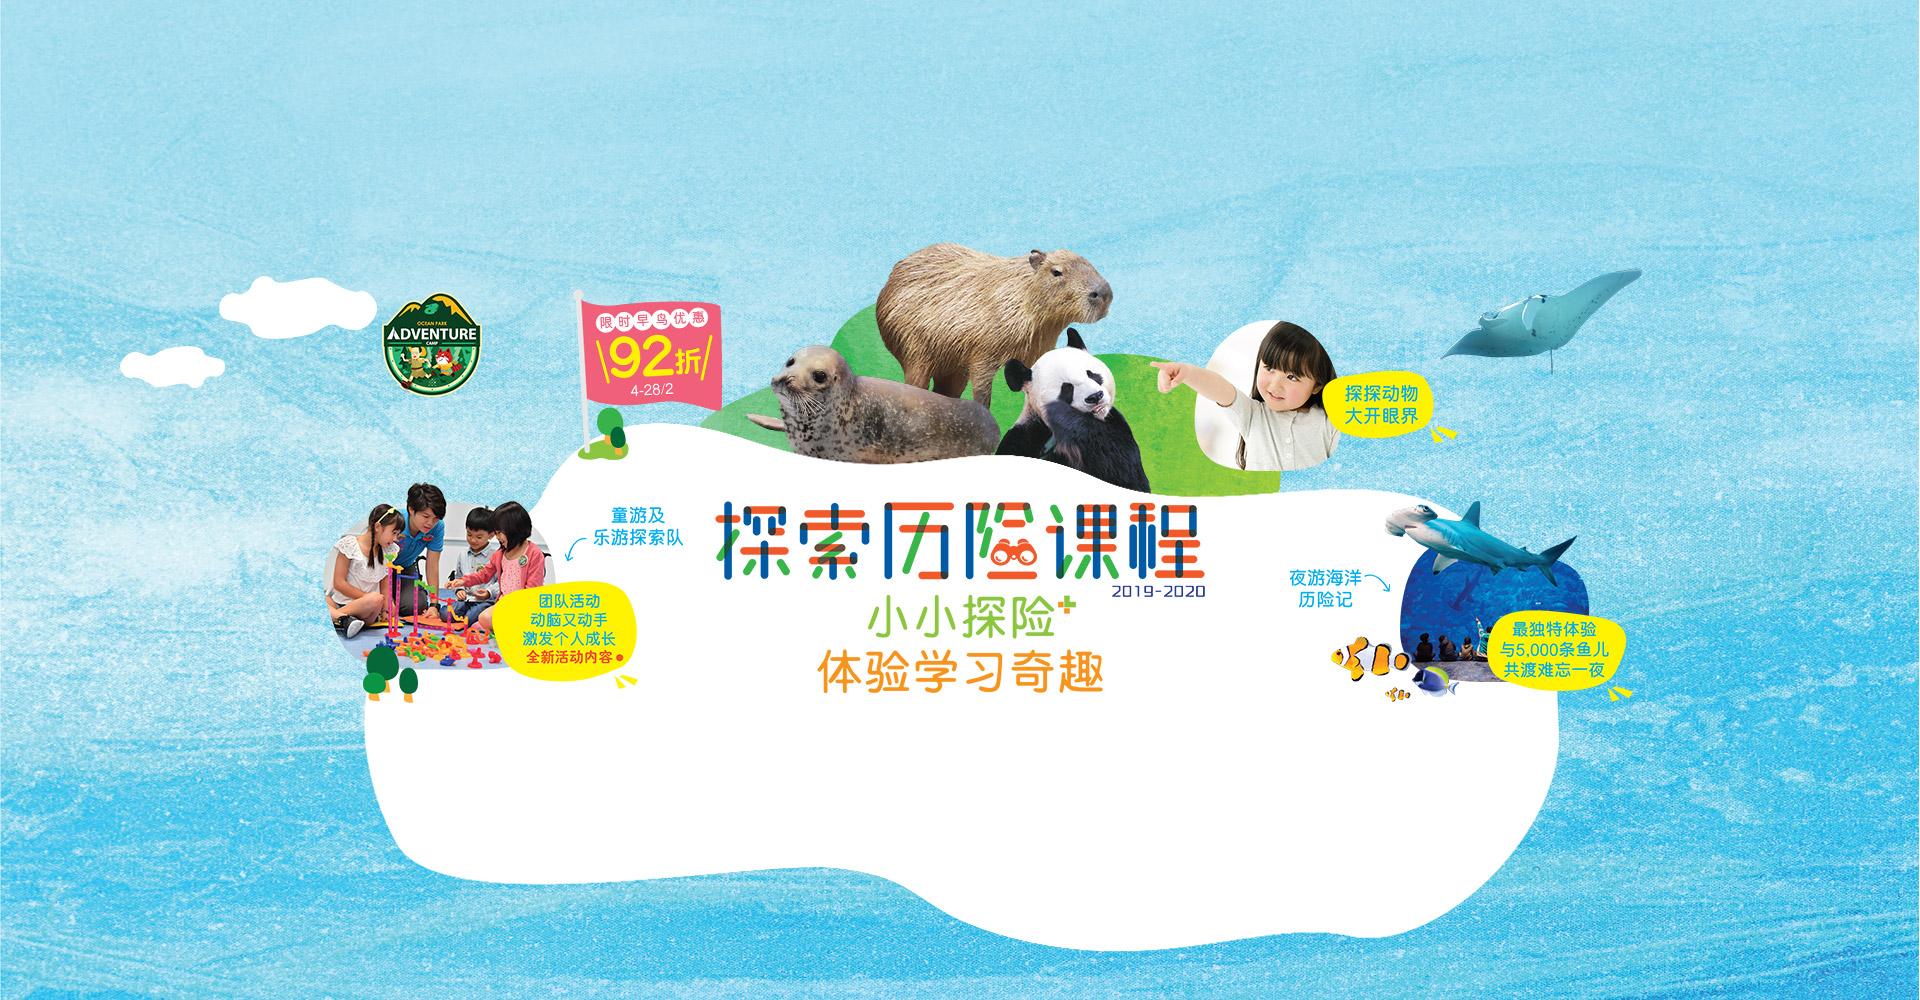 https://media.oceanpark.com.hk/files/s3fs-public/inside_banner01_desktop_sc_1.jpg